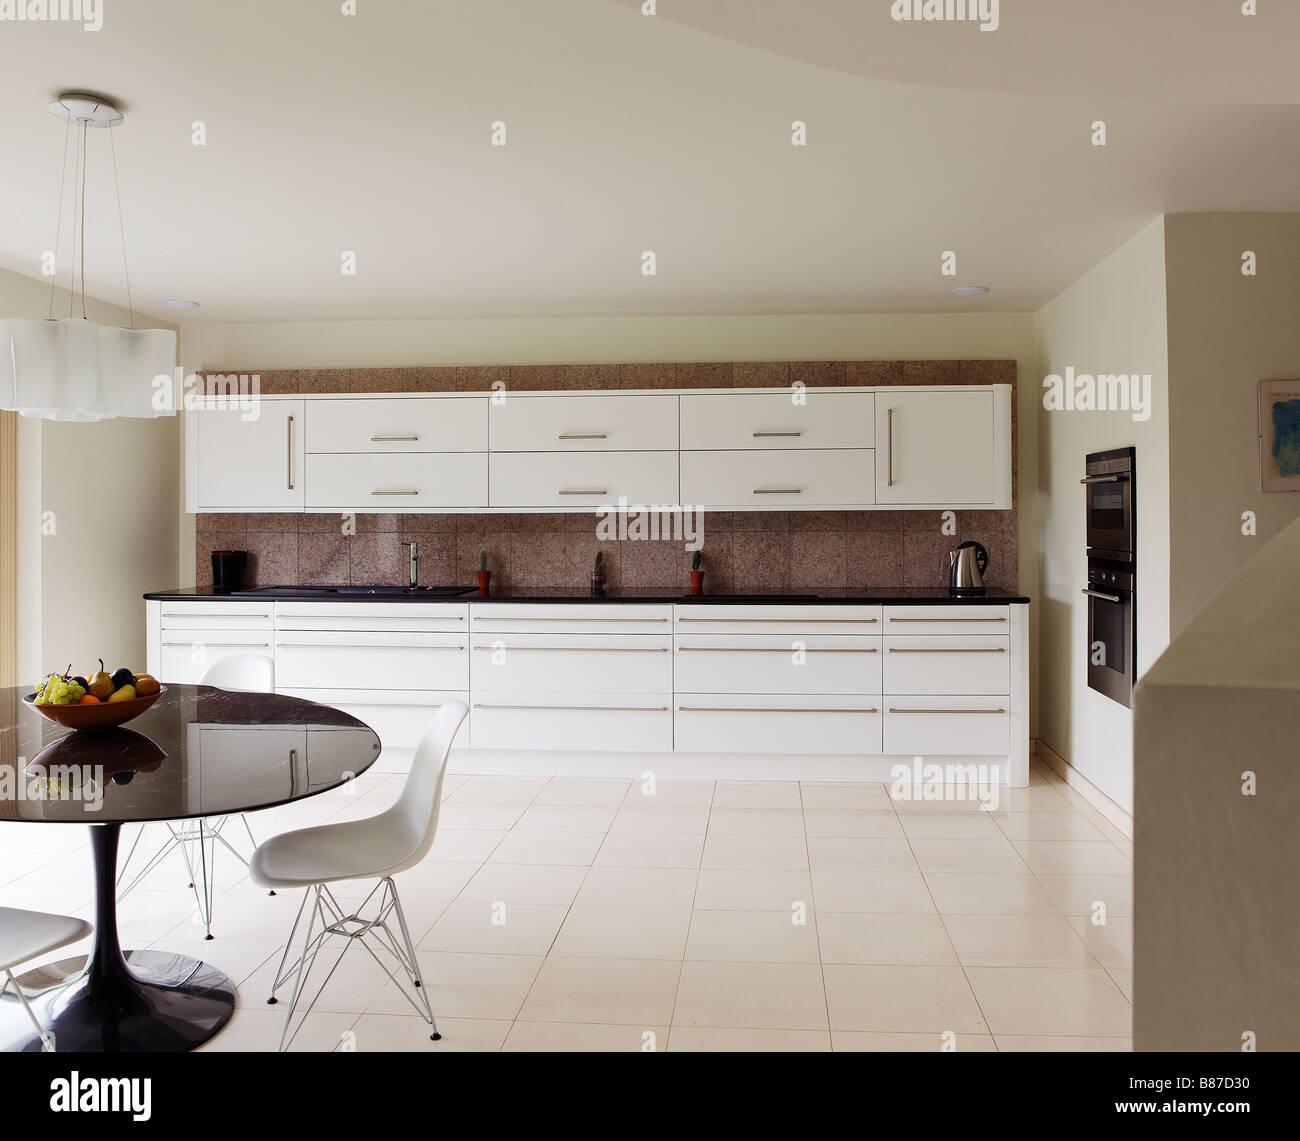 Moderne Weiße Küche Mit Runder Esstisch Und Obstschale